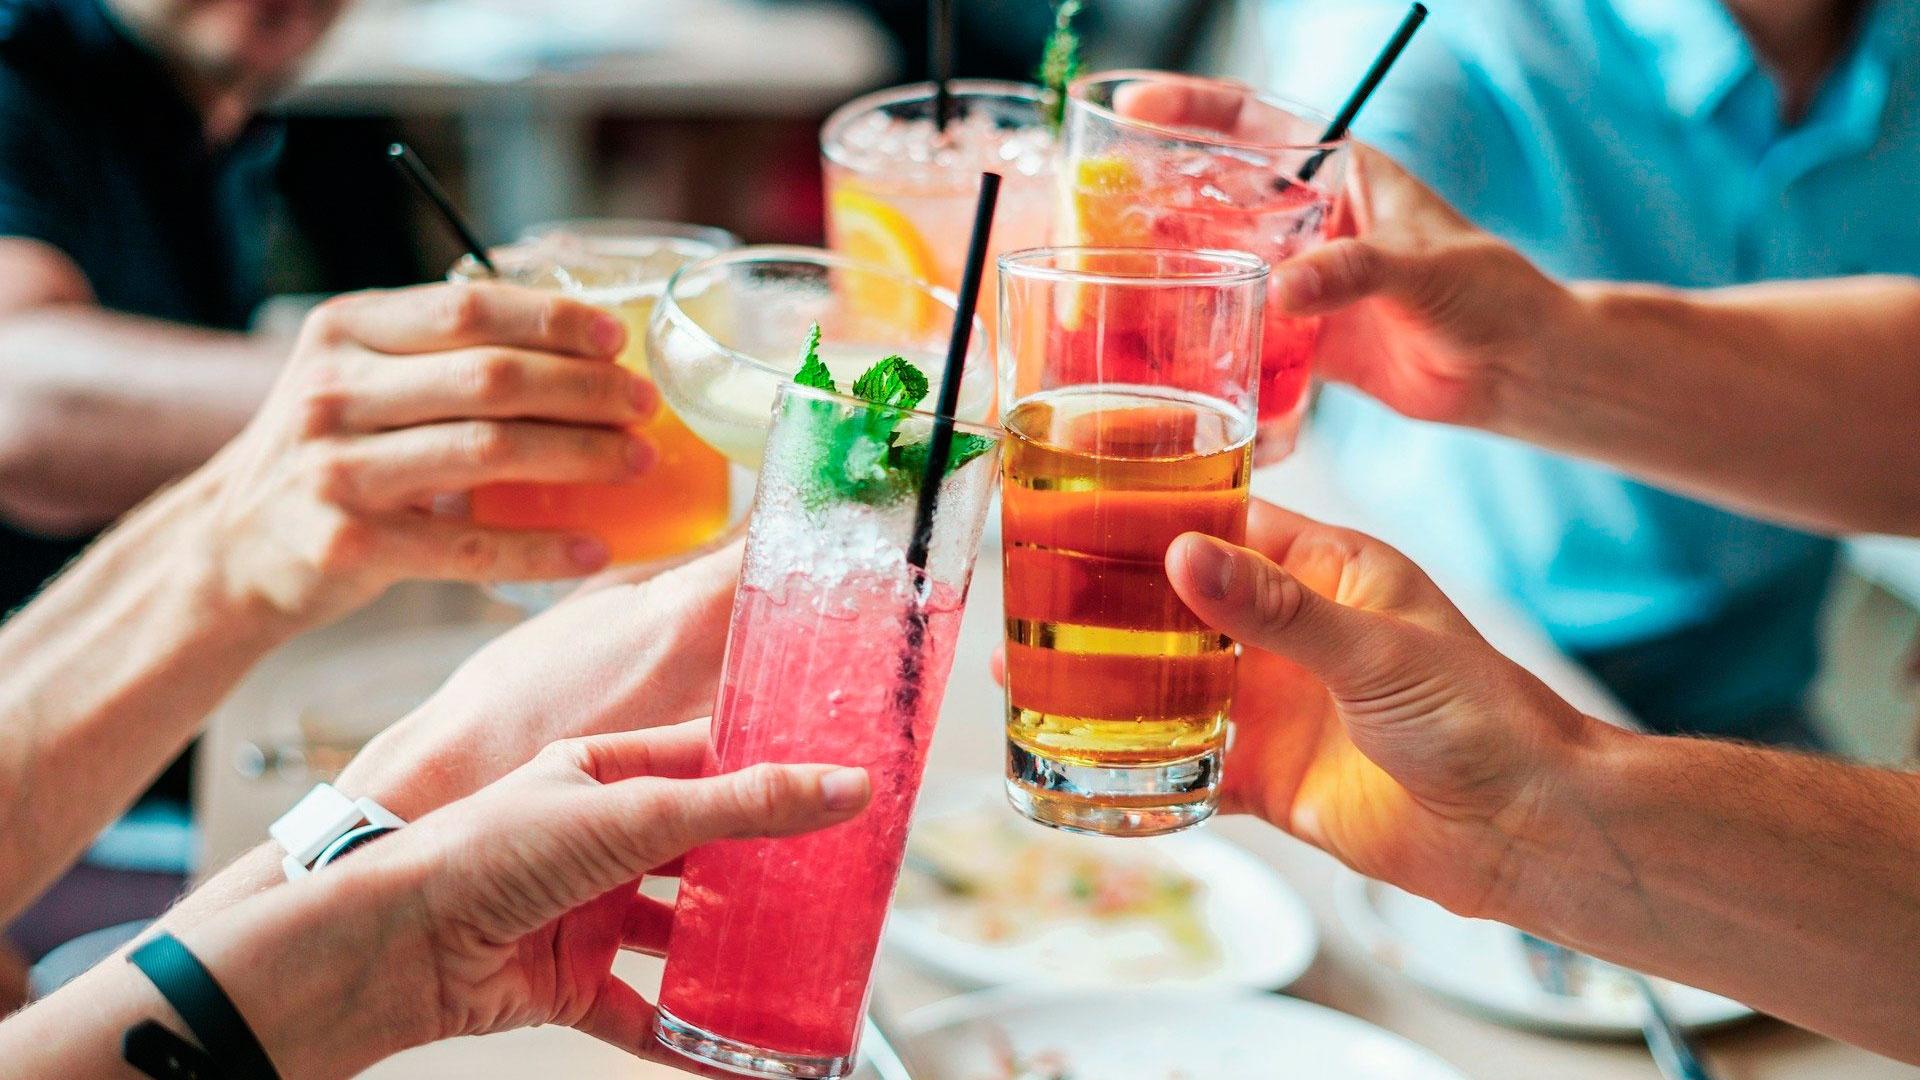 В Совфеде предложили увеличить минимальный возраст продажи алкоголя